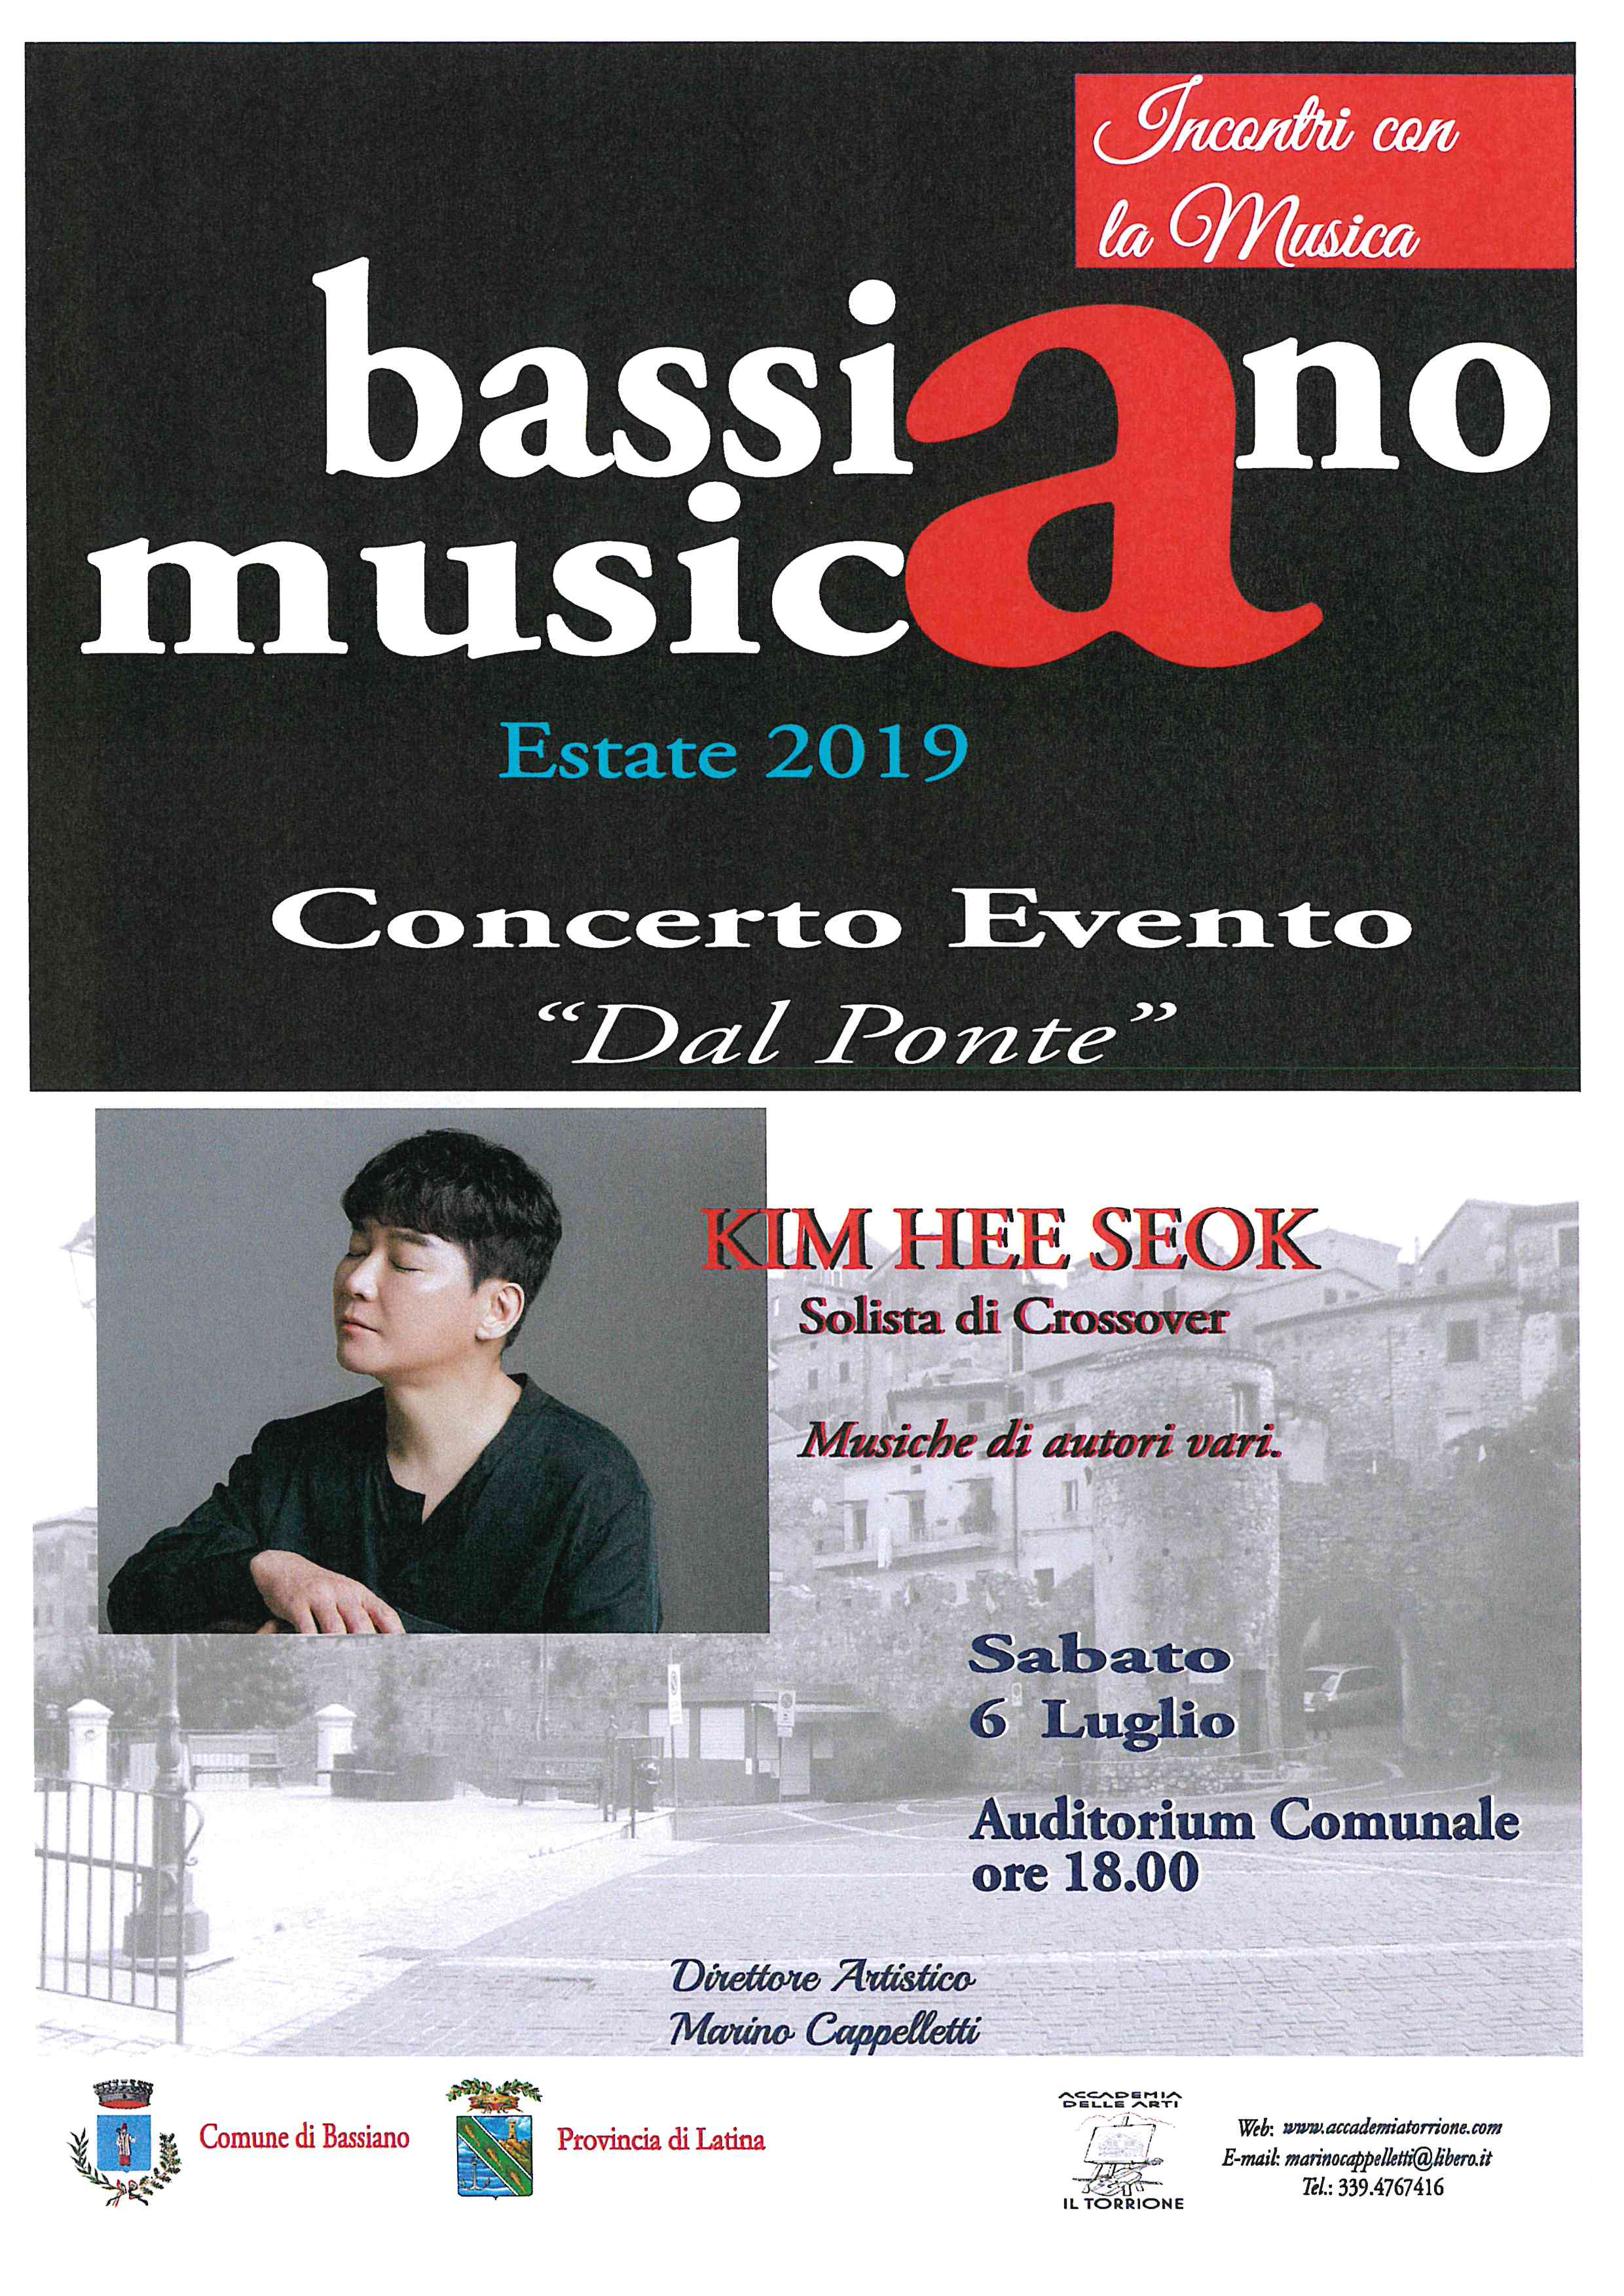 Bassiano Musica Estate 2019